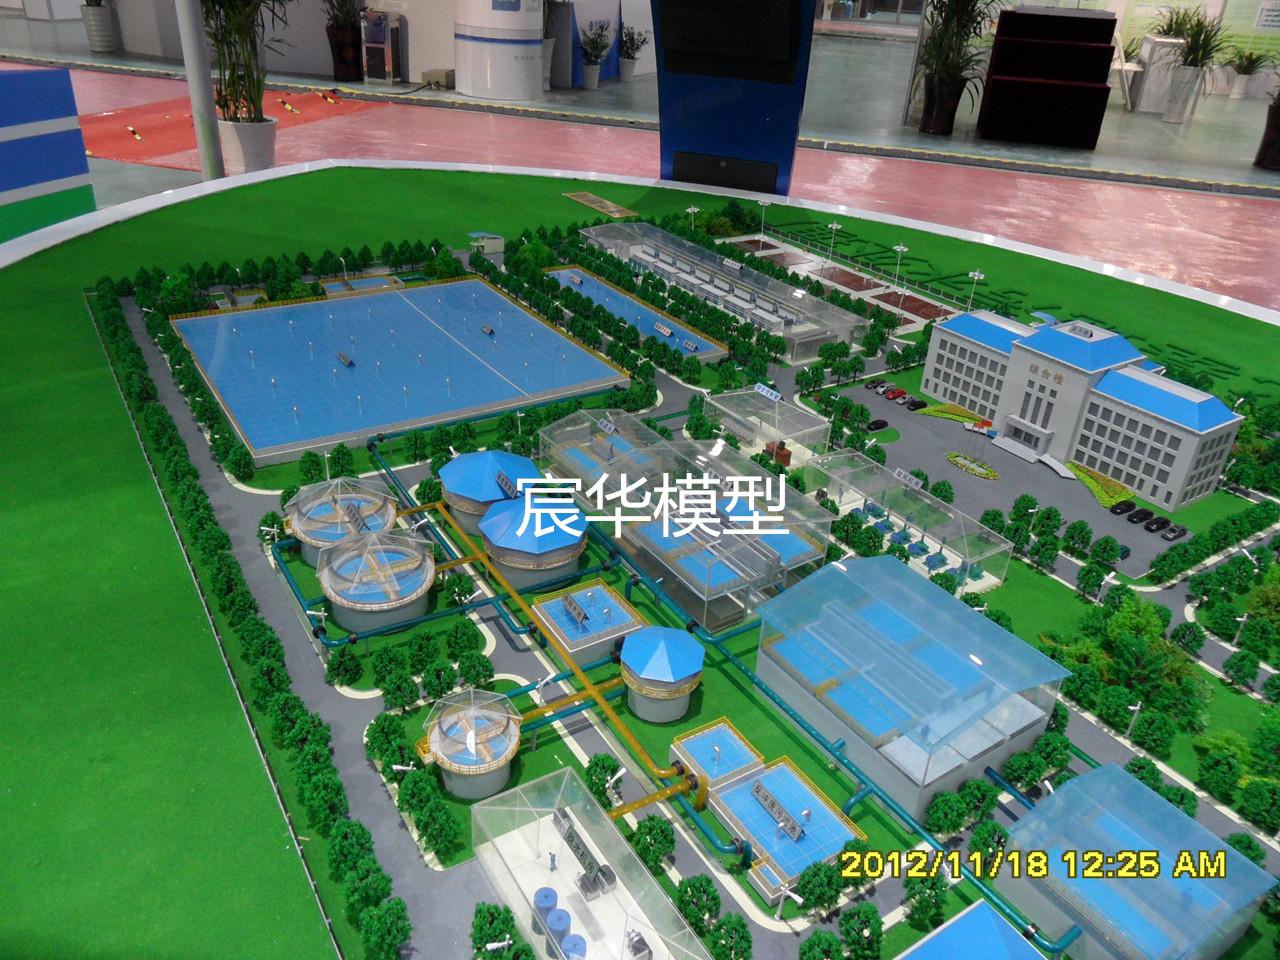 宁东煤化基地污水处理厂模型 (4)_副本.jpg